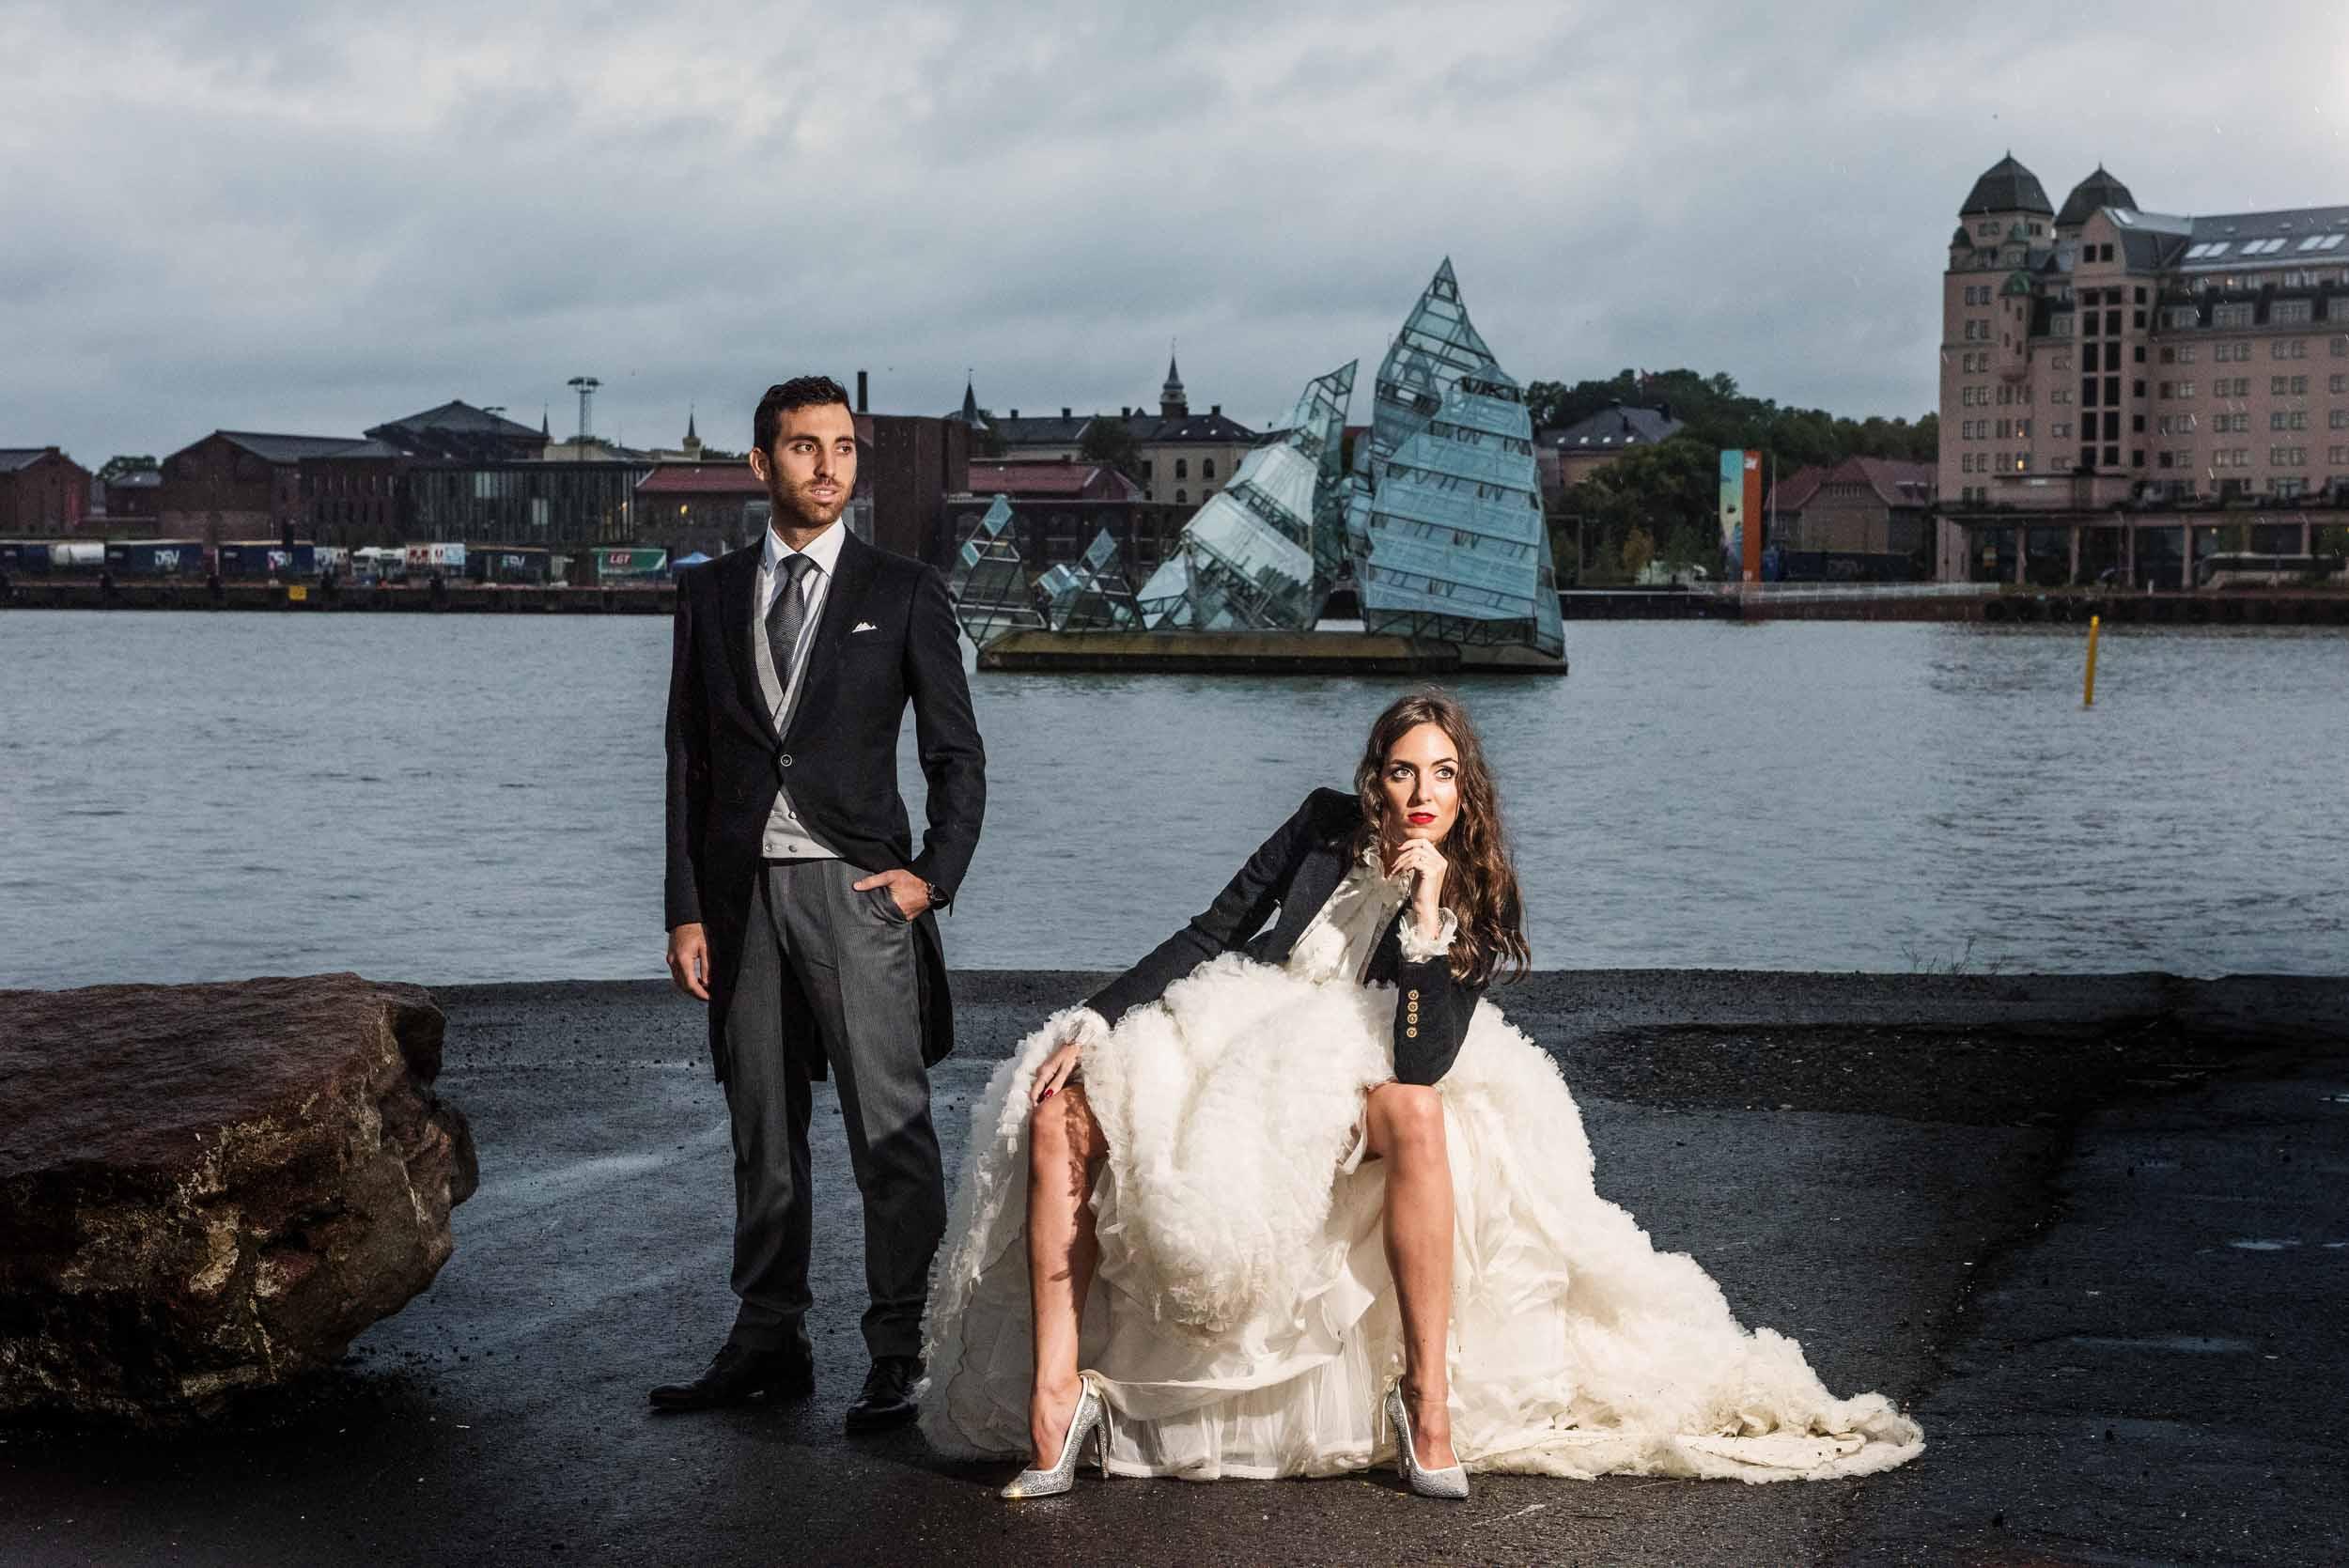 Antonio & Cati Post boda en Noruega. 2017 24